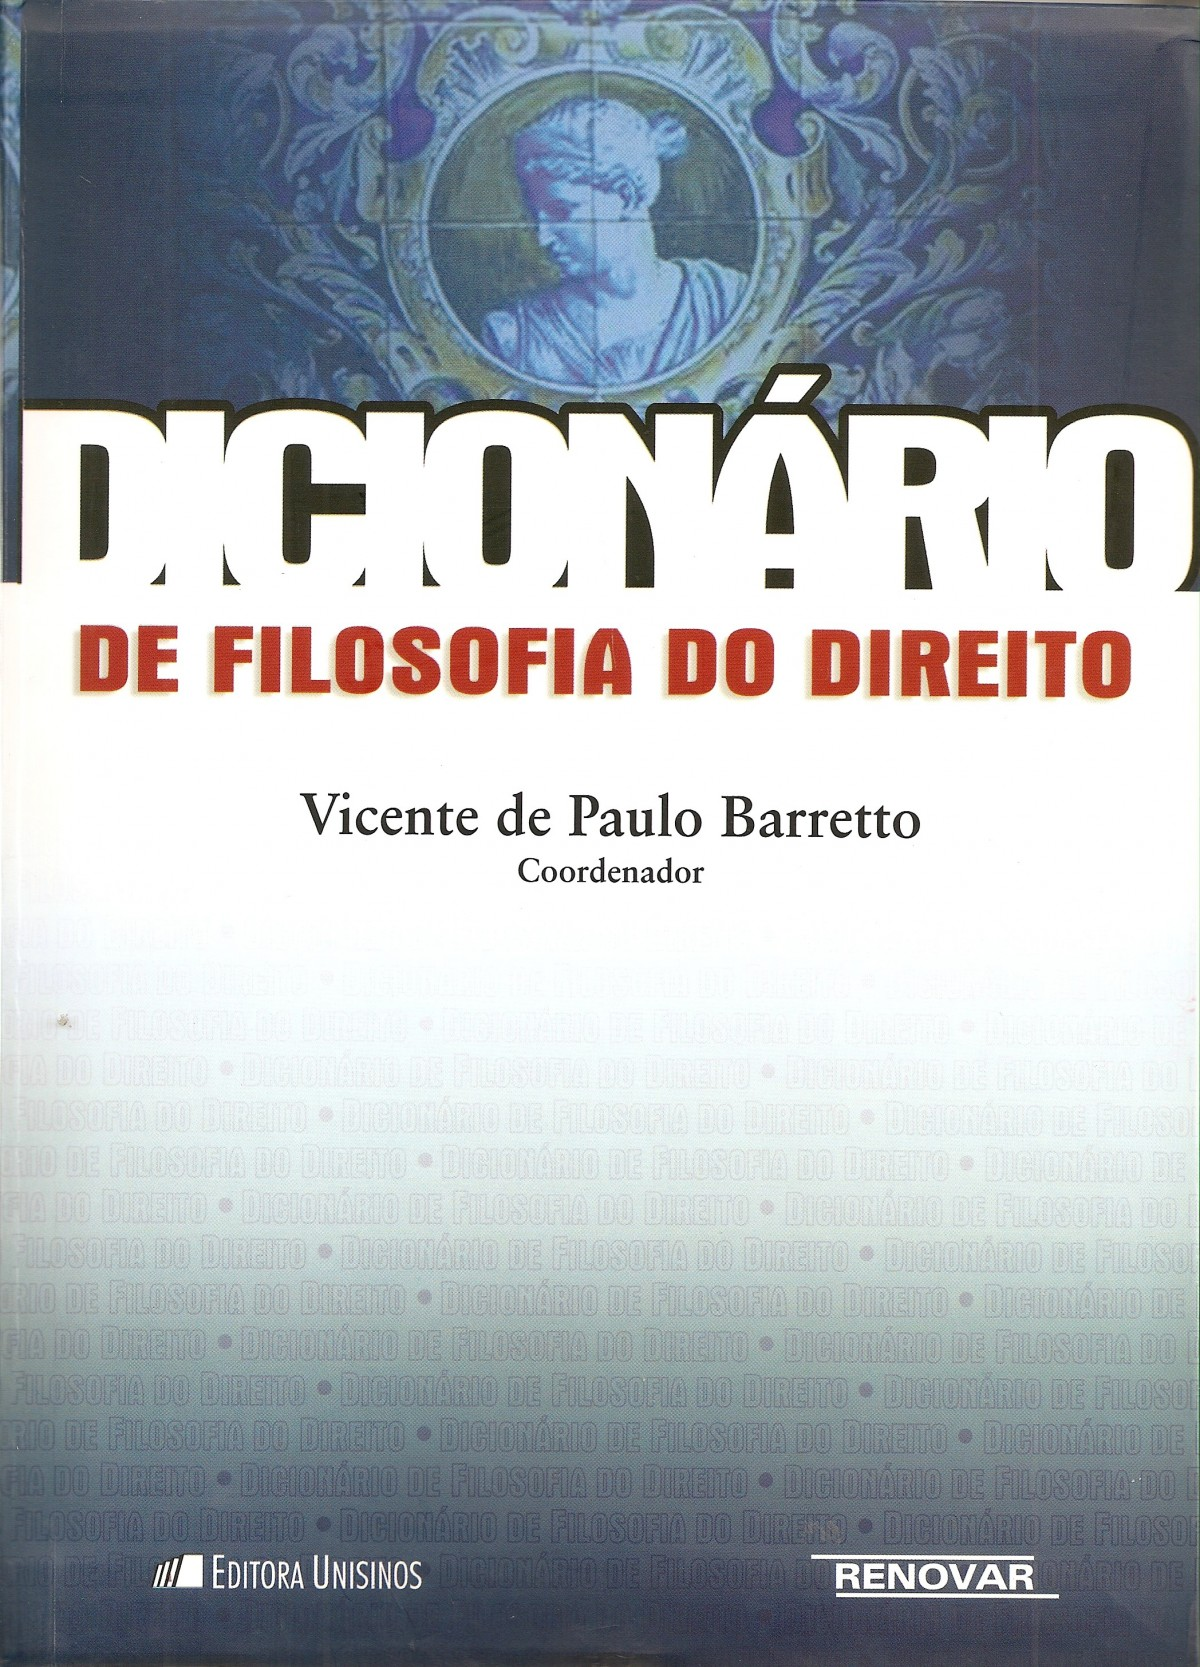 Foto 1 - Dicionário de Filosofia do Direito